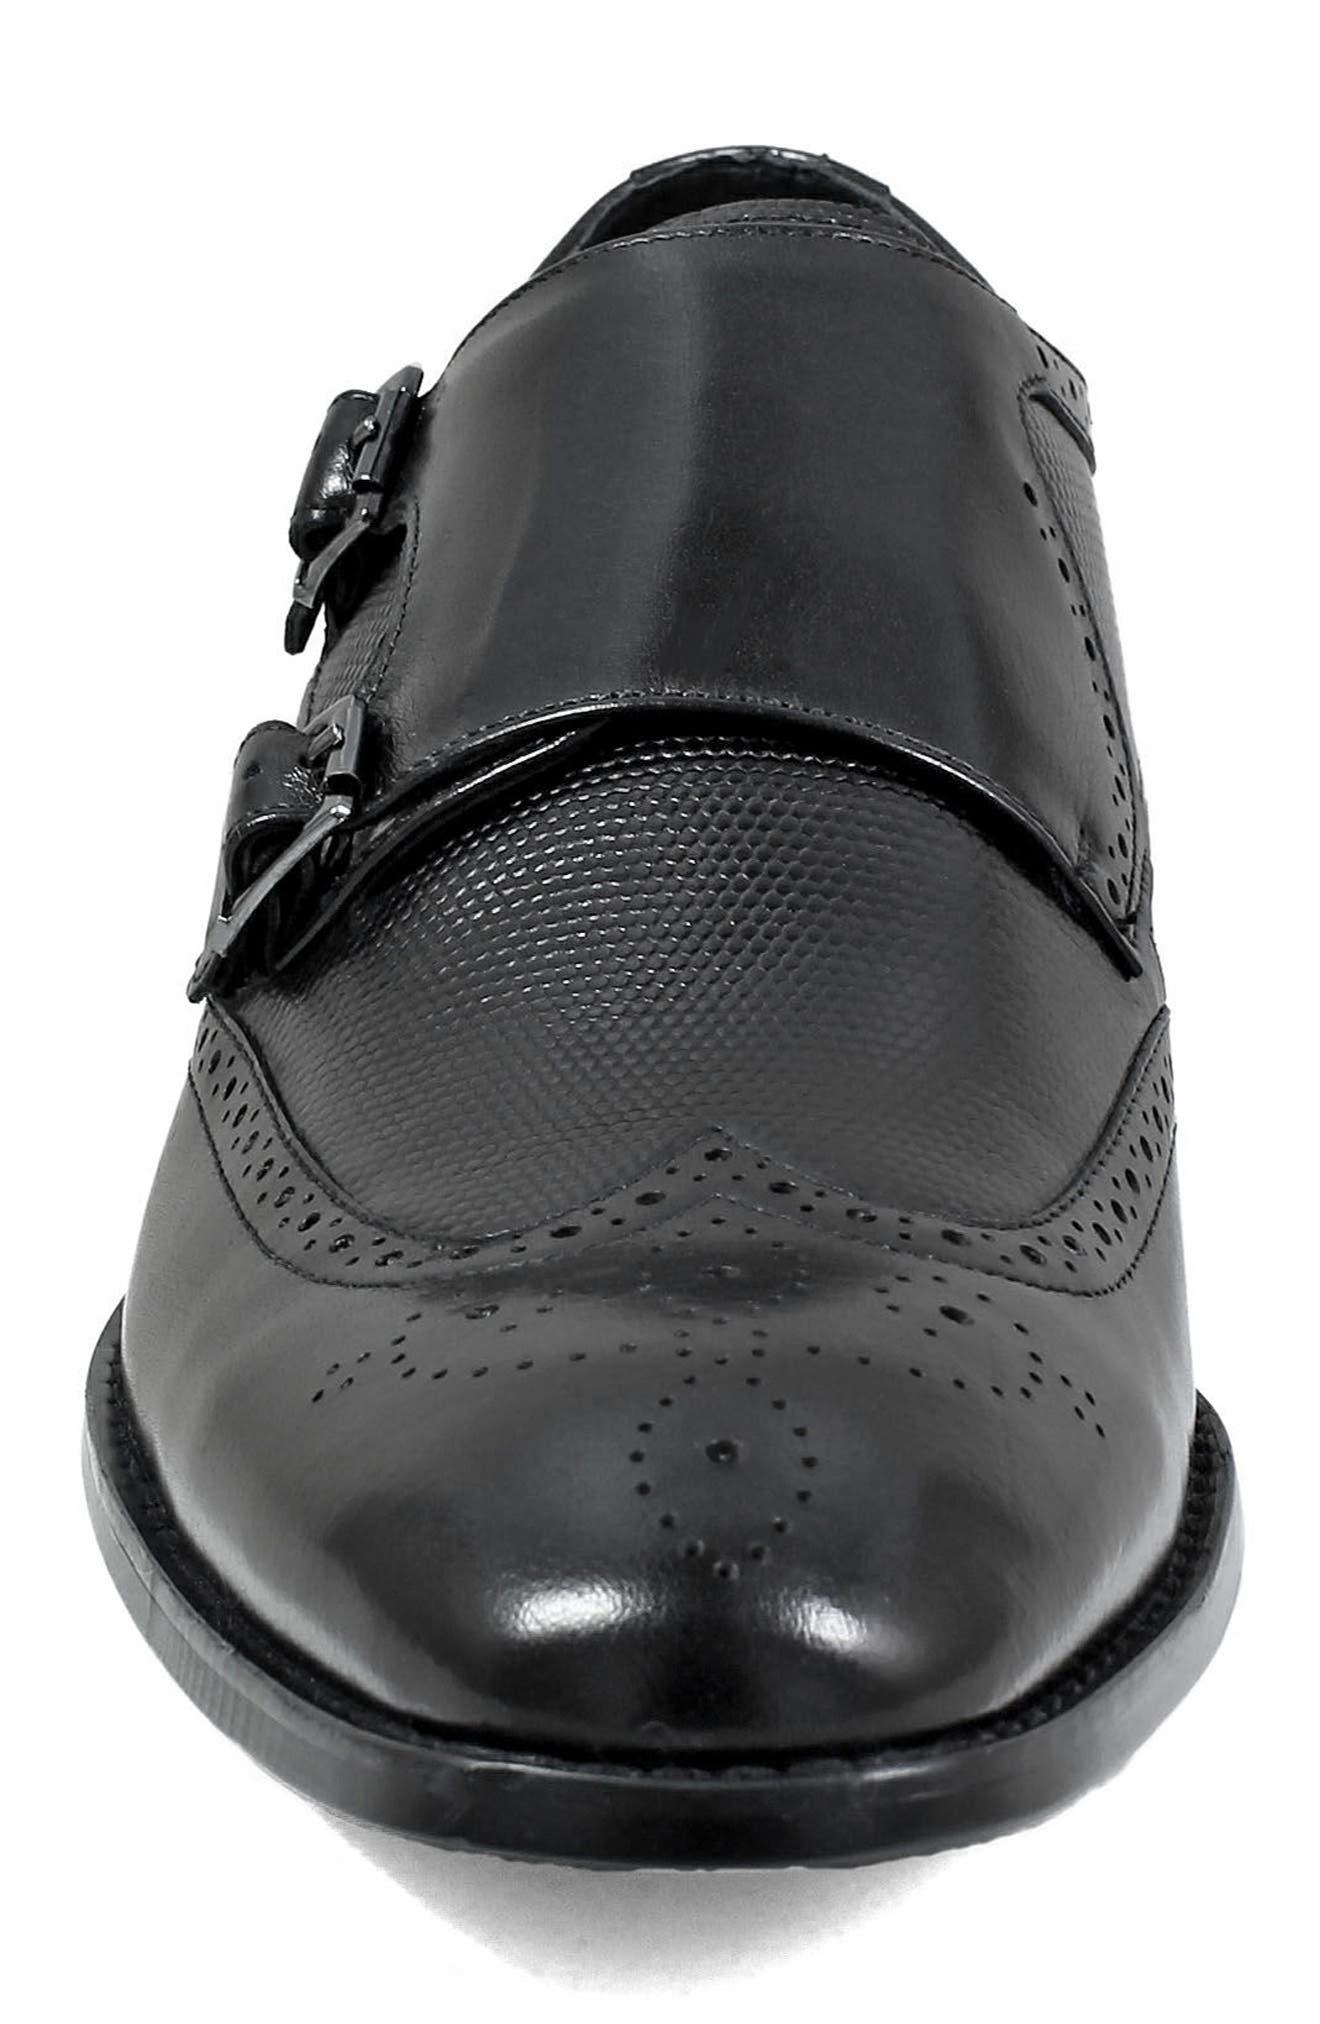 Lavine Wingtip Monk Shoe,                             Alternate thumbnail 4, color,                             BLACK LEATHER